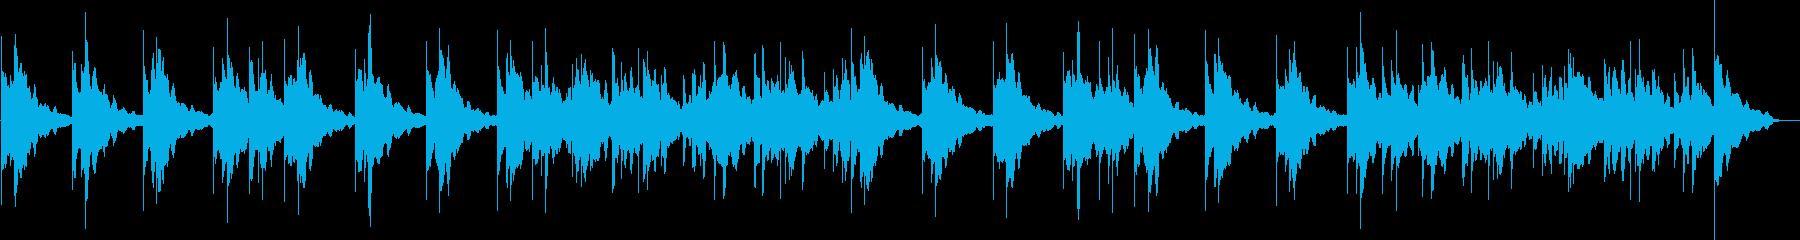 哀しげなシンセサイザーサウンドの再生済みの波形